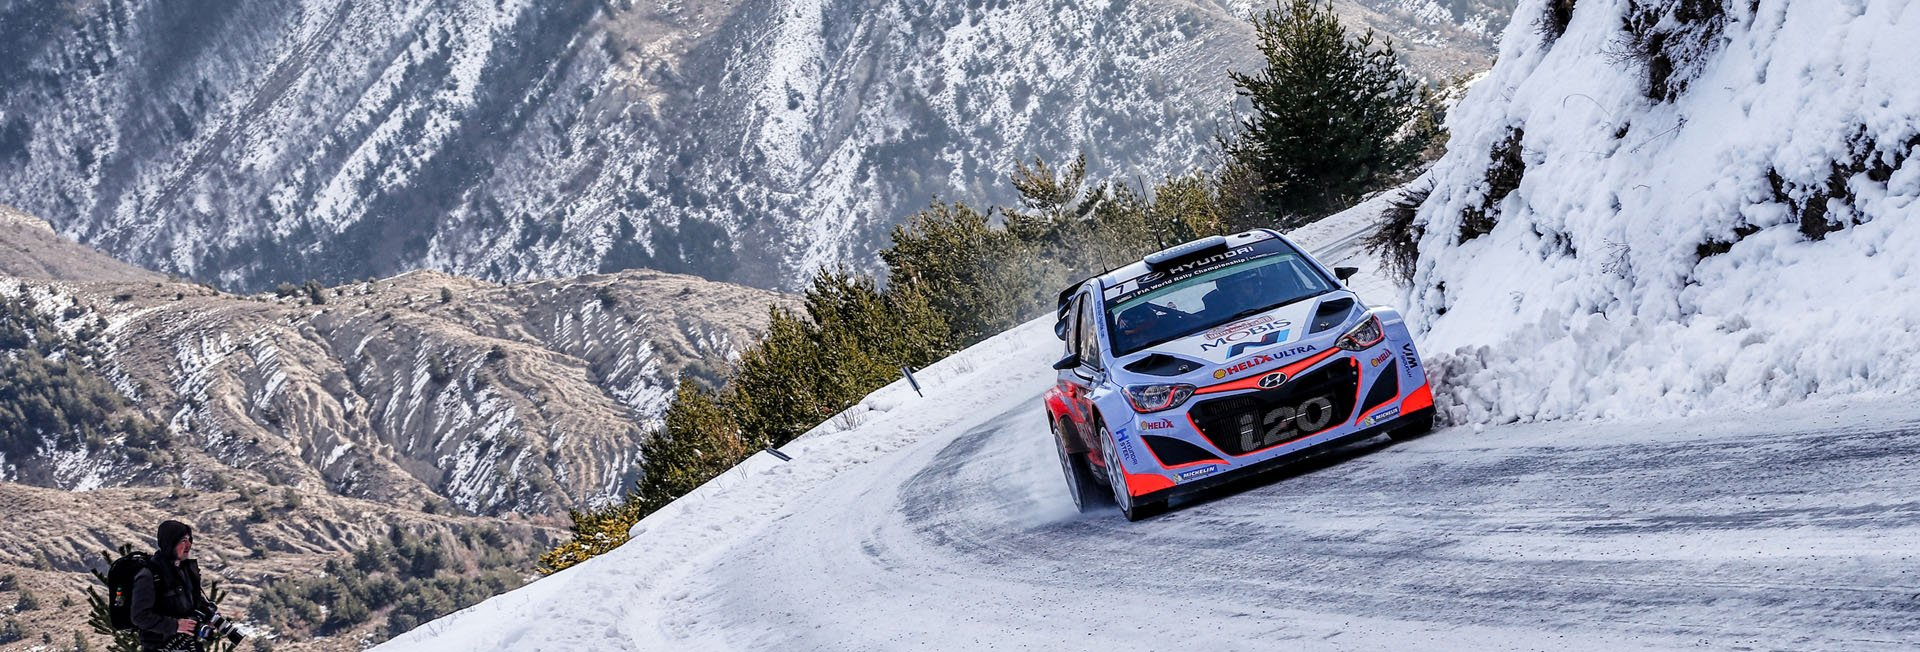 Sneeuwkettingen voor de Hyundai i20